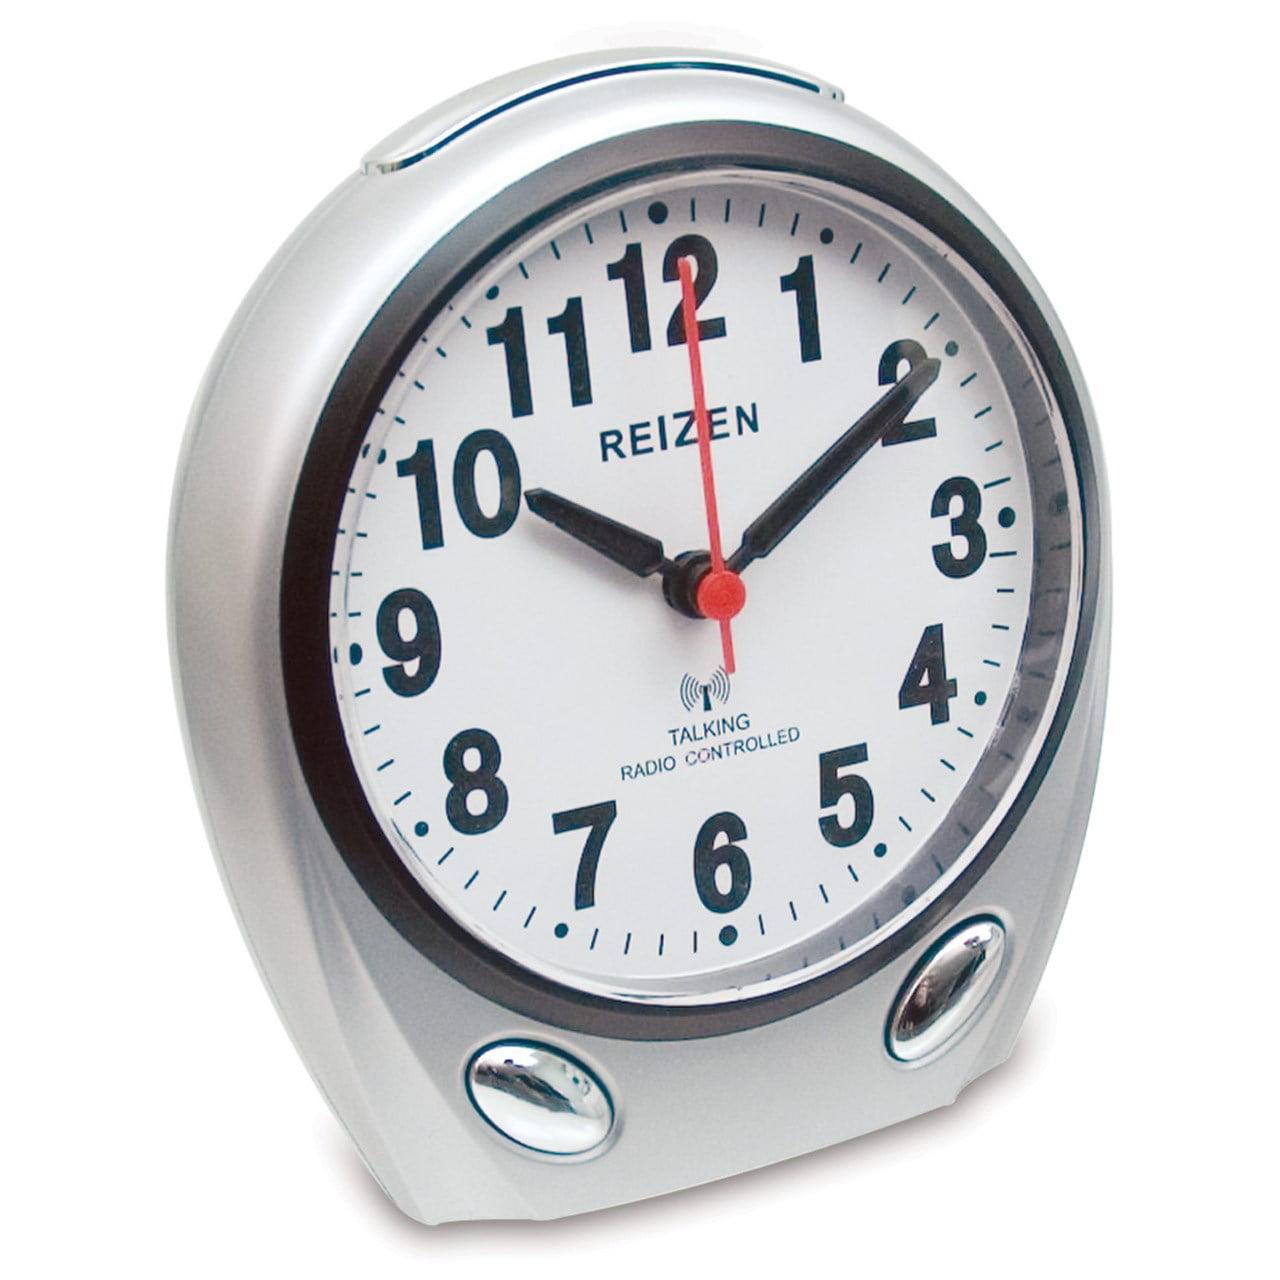 REIZEN Talking Atomic Analog Alarm Clock